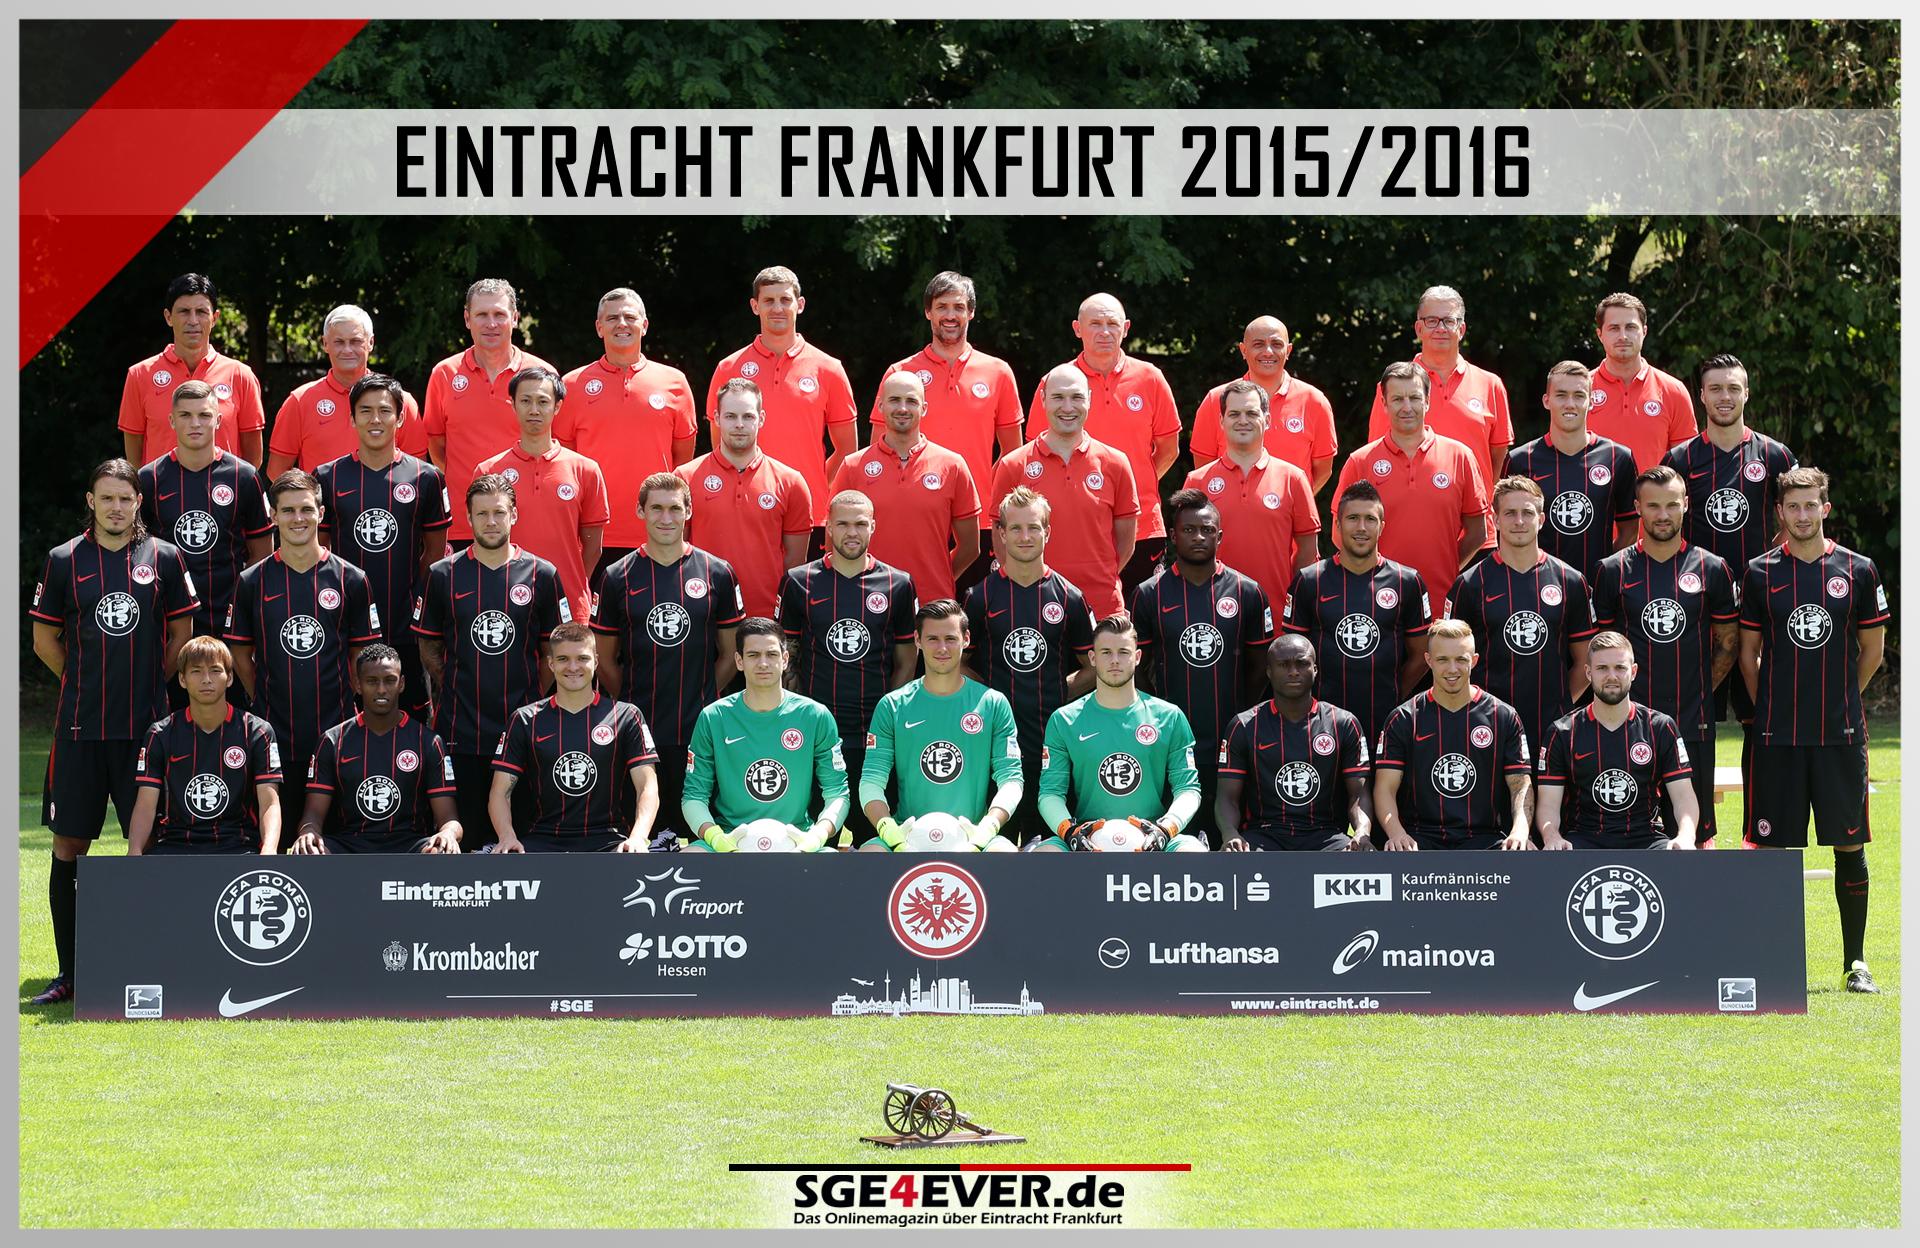 Das Mannschaftsfoto 201516 Sge4everde Das Onlinemagazin über